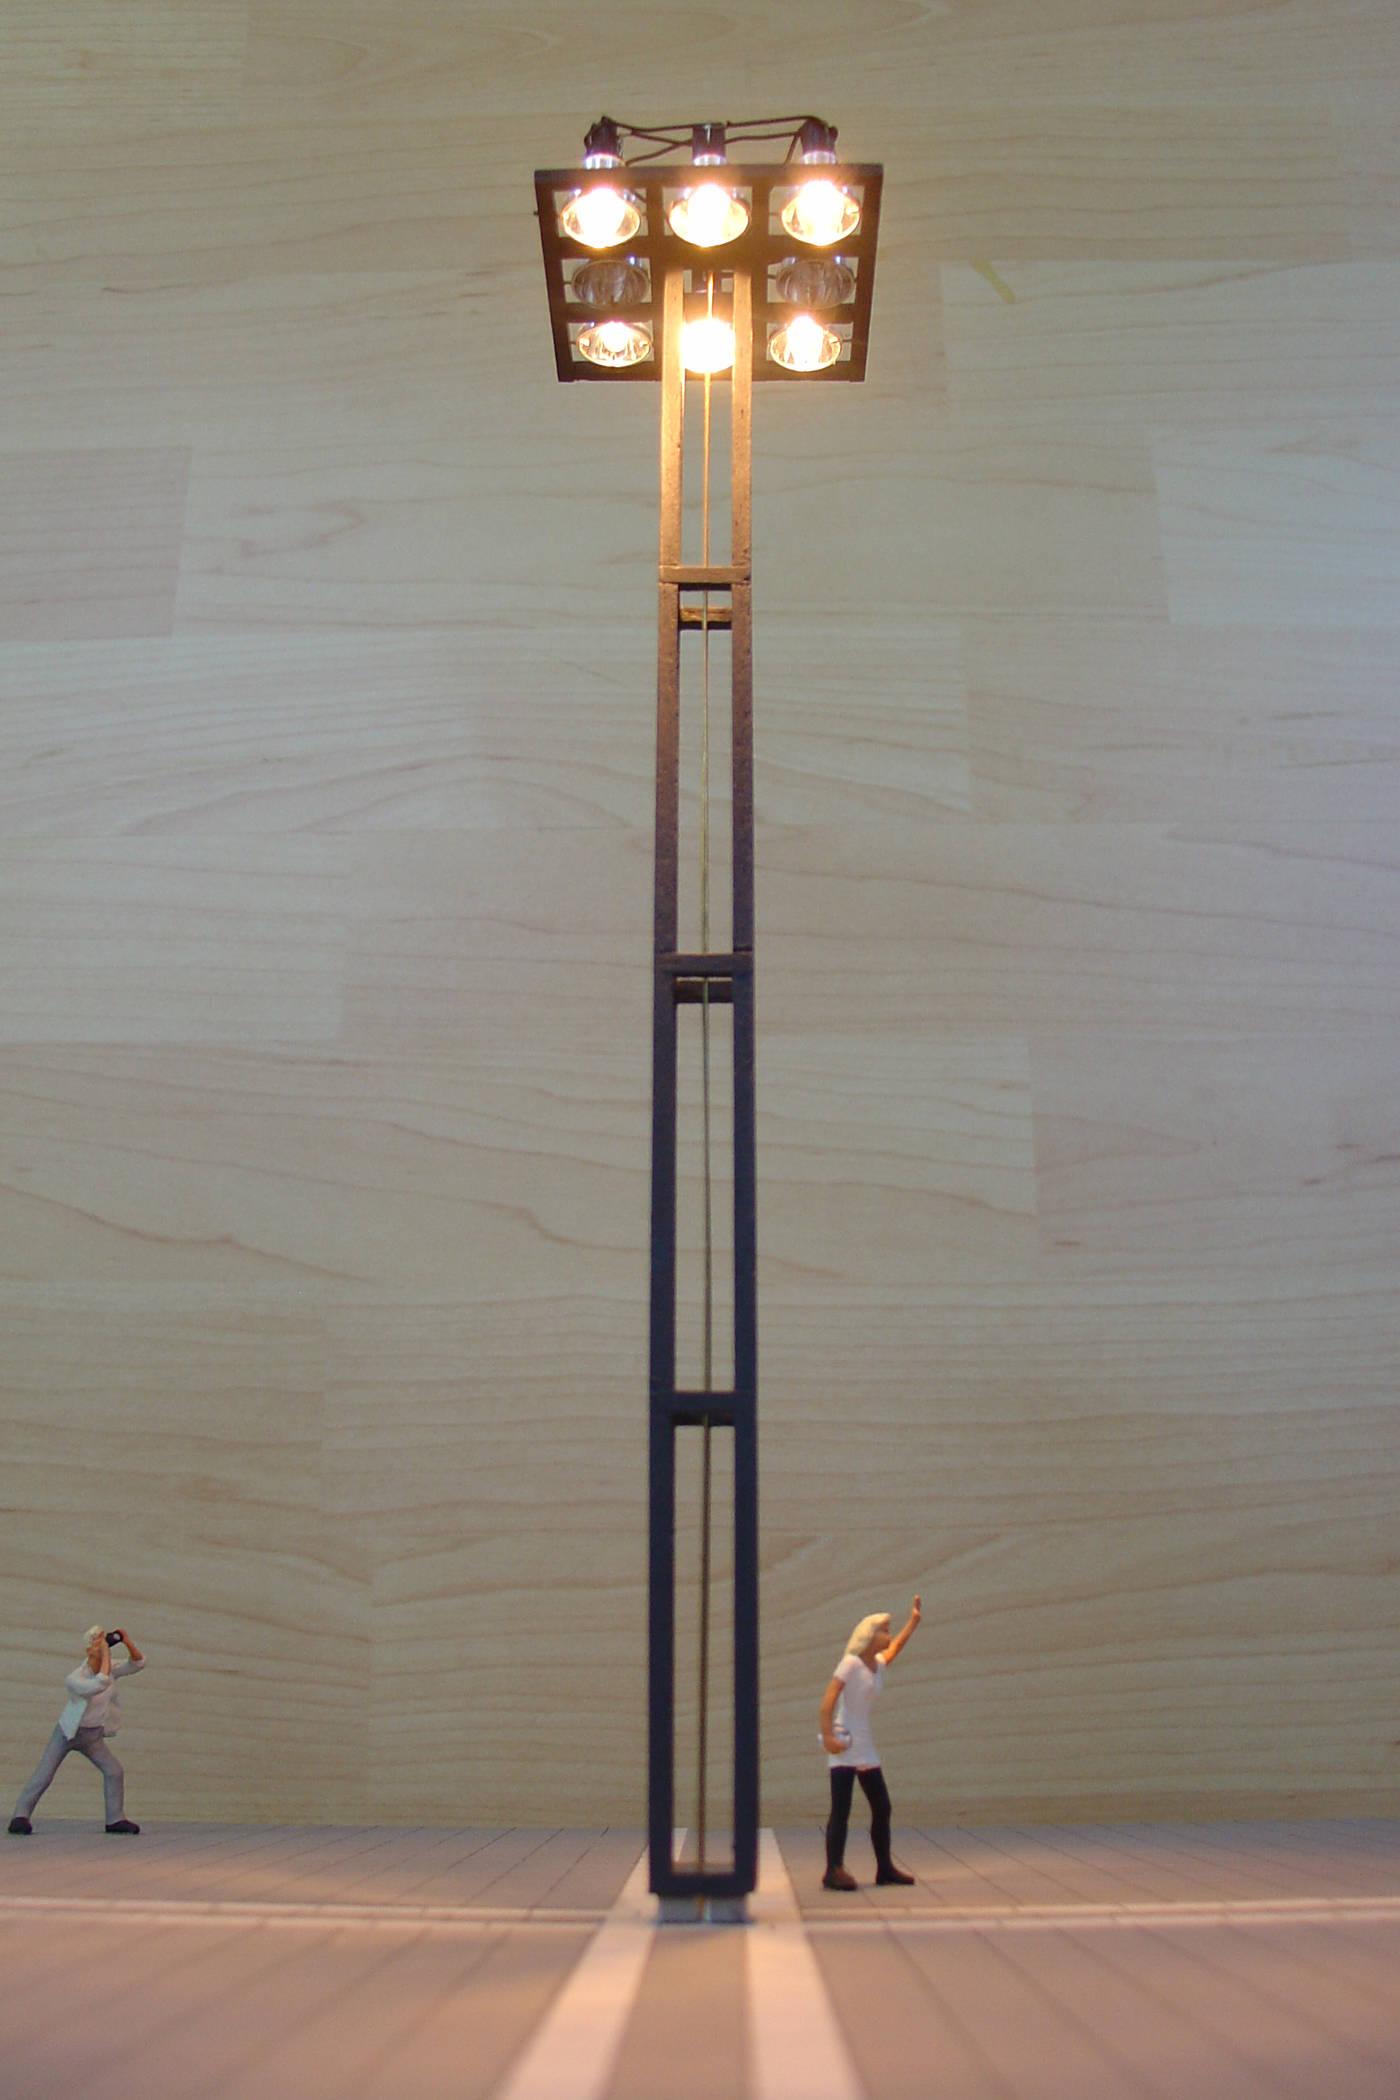 idee voor een lichtmast Maastricht 2000